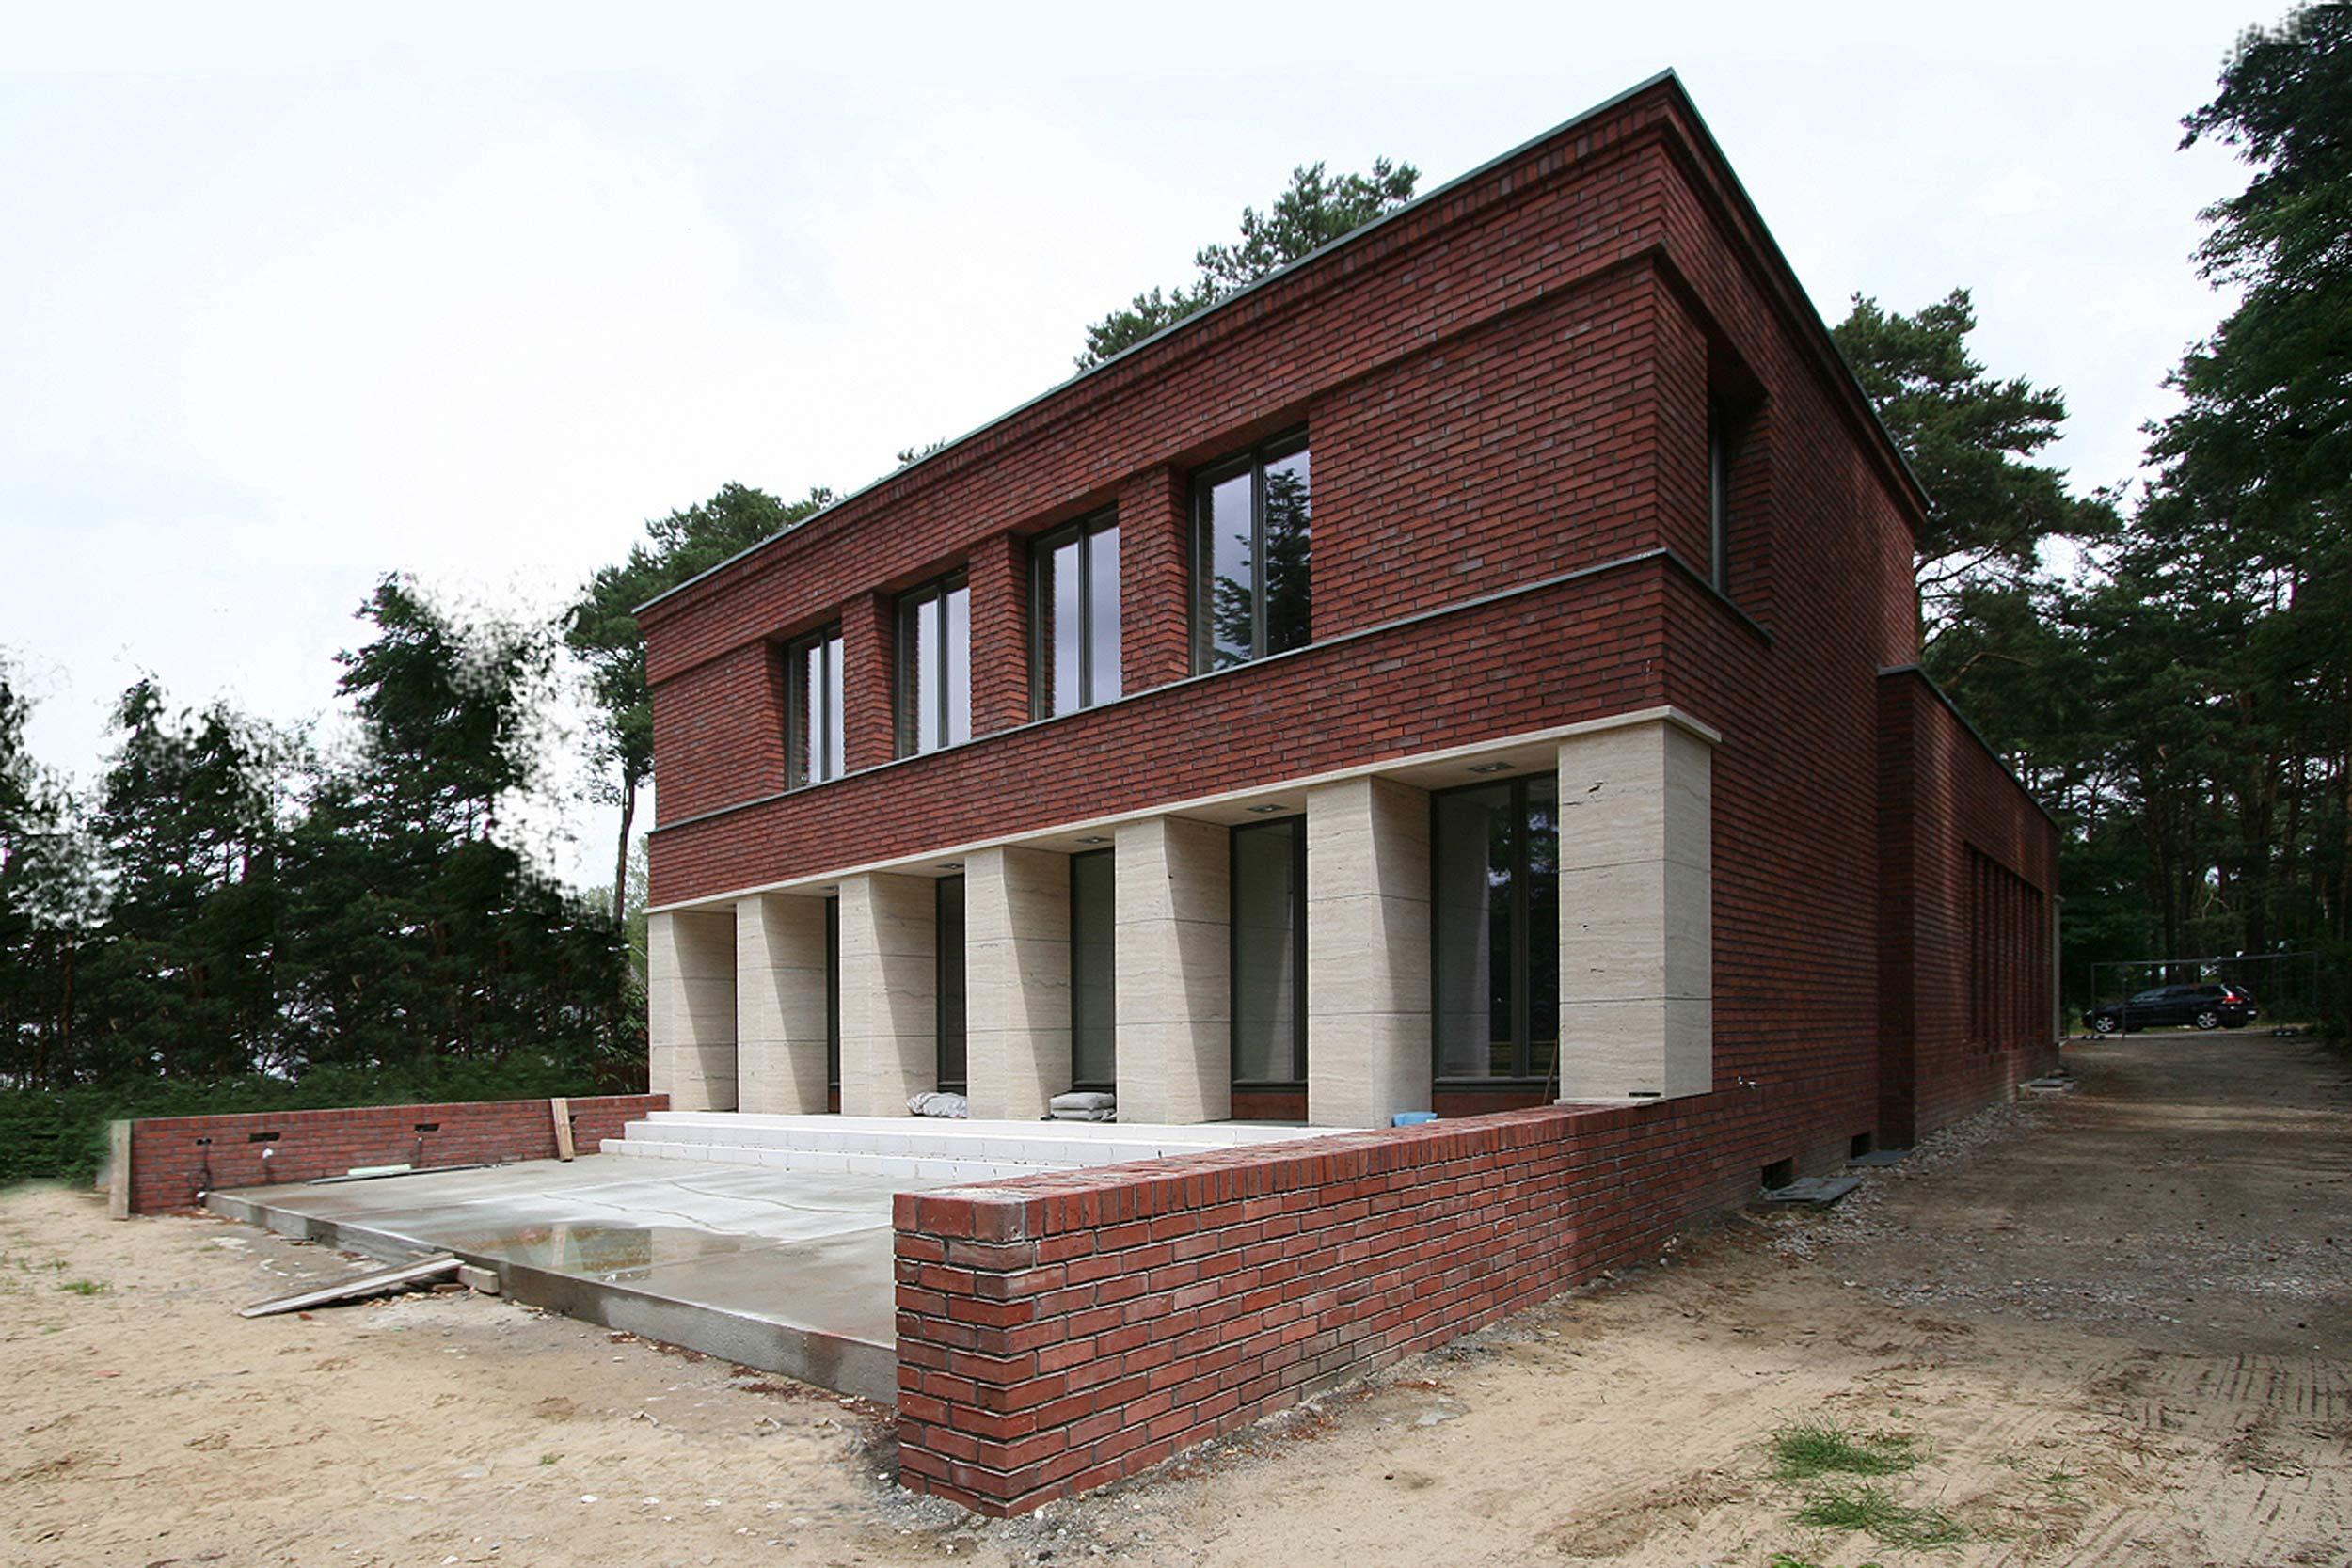 Klassisch traditionelles einfamilienhaus aus backstein und for Einfamilienhaus berlin